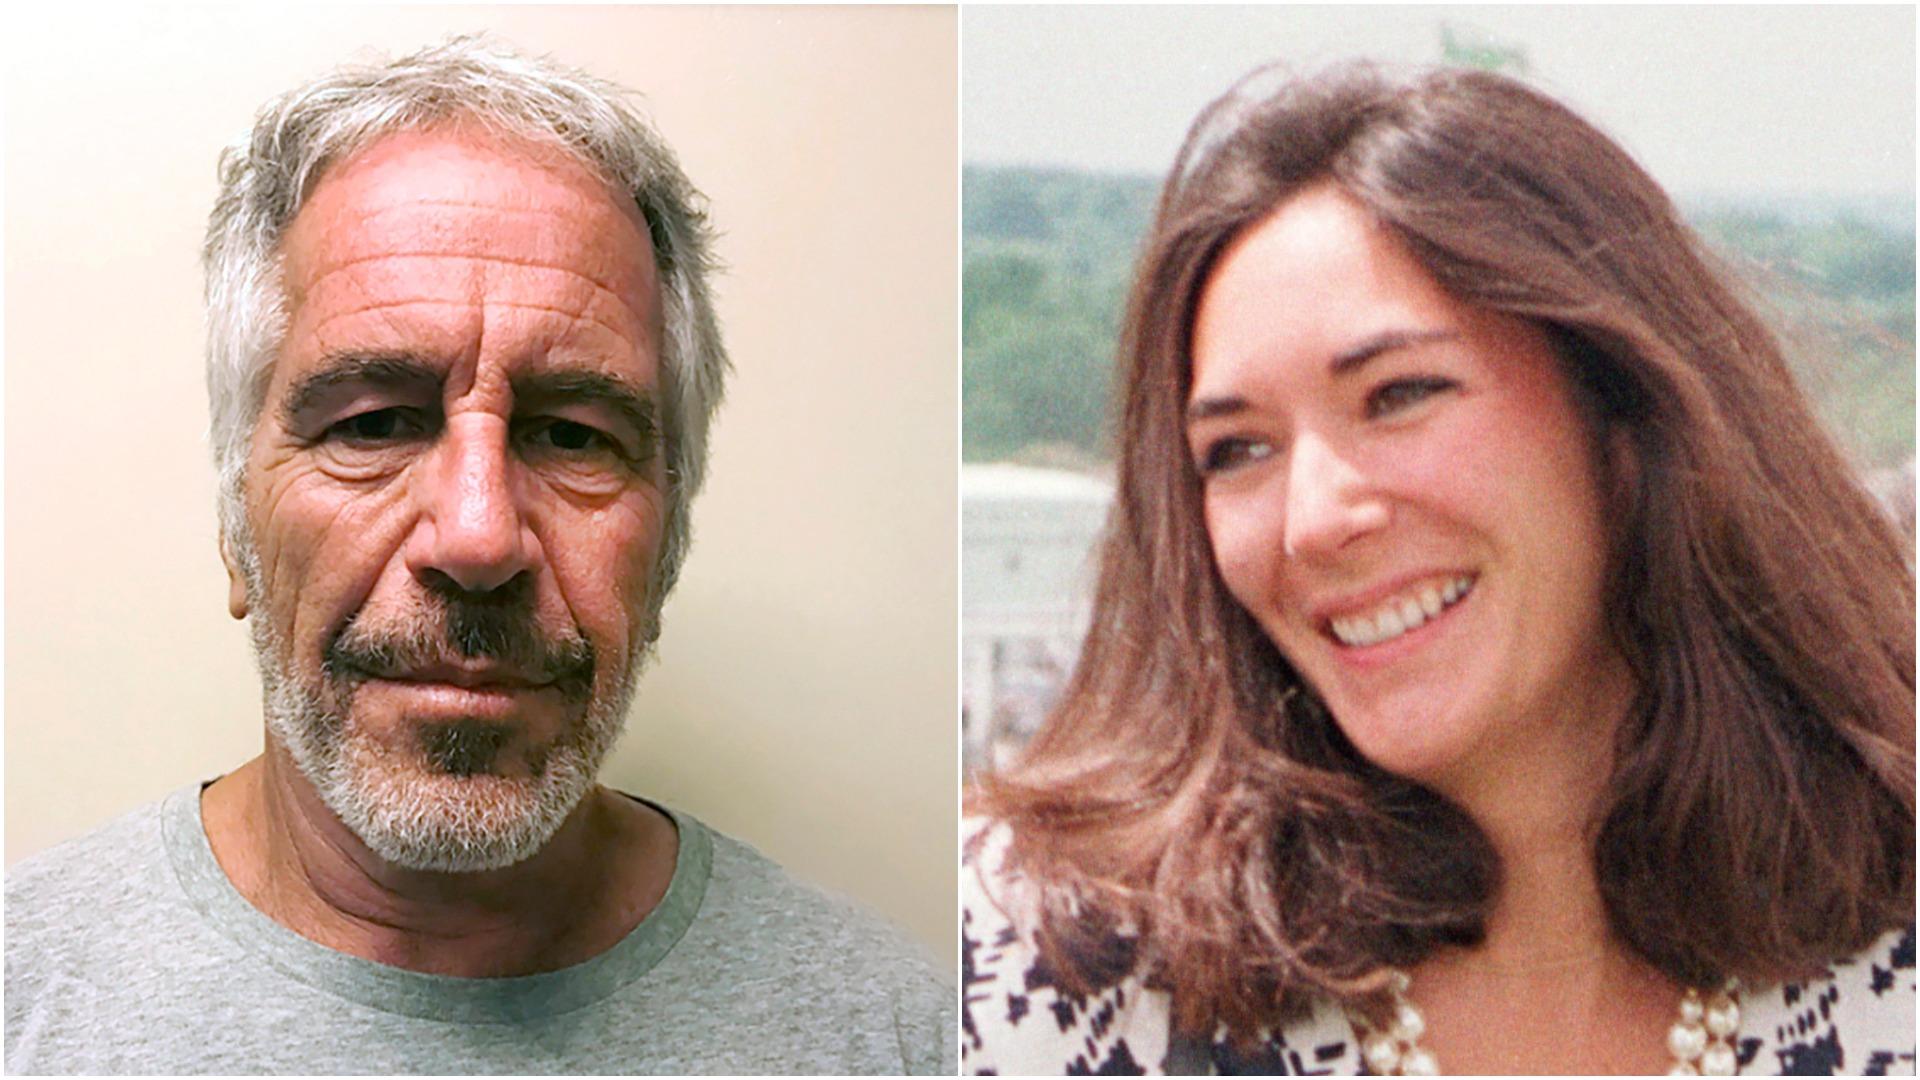 Çocuk istismarcısı Epstein'ın sevgilisi de tutuklandı